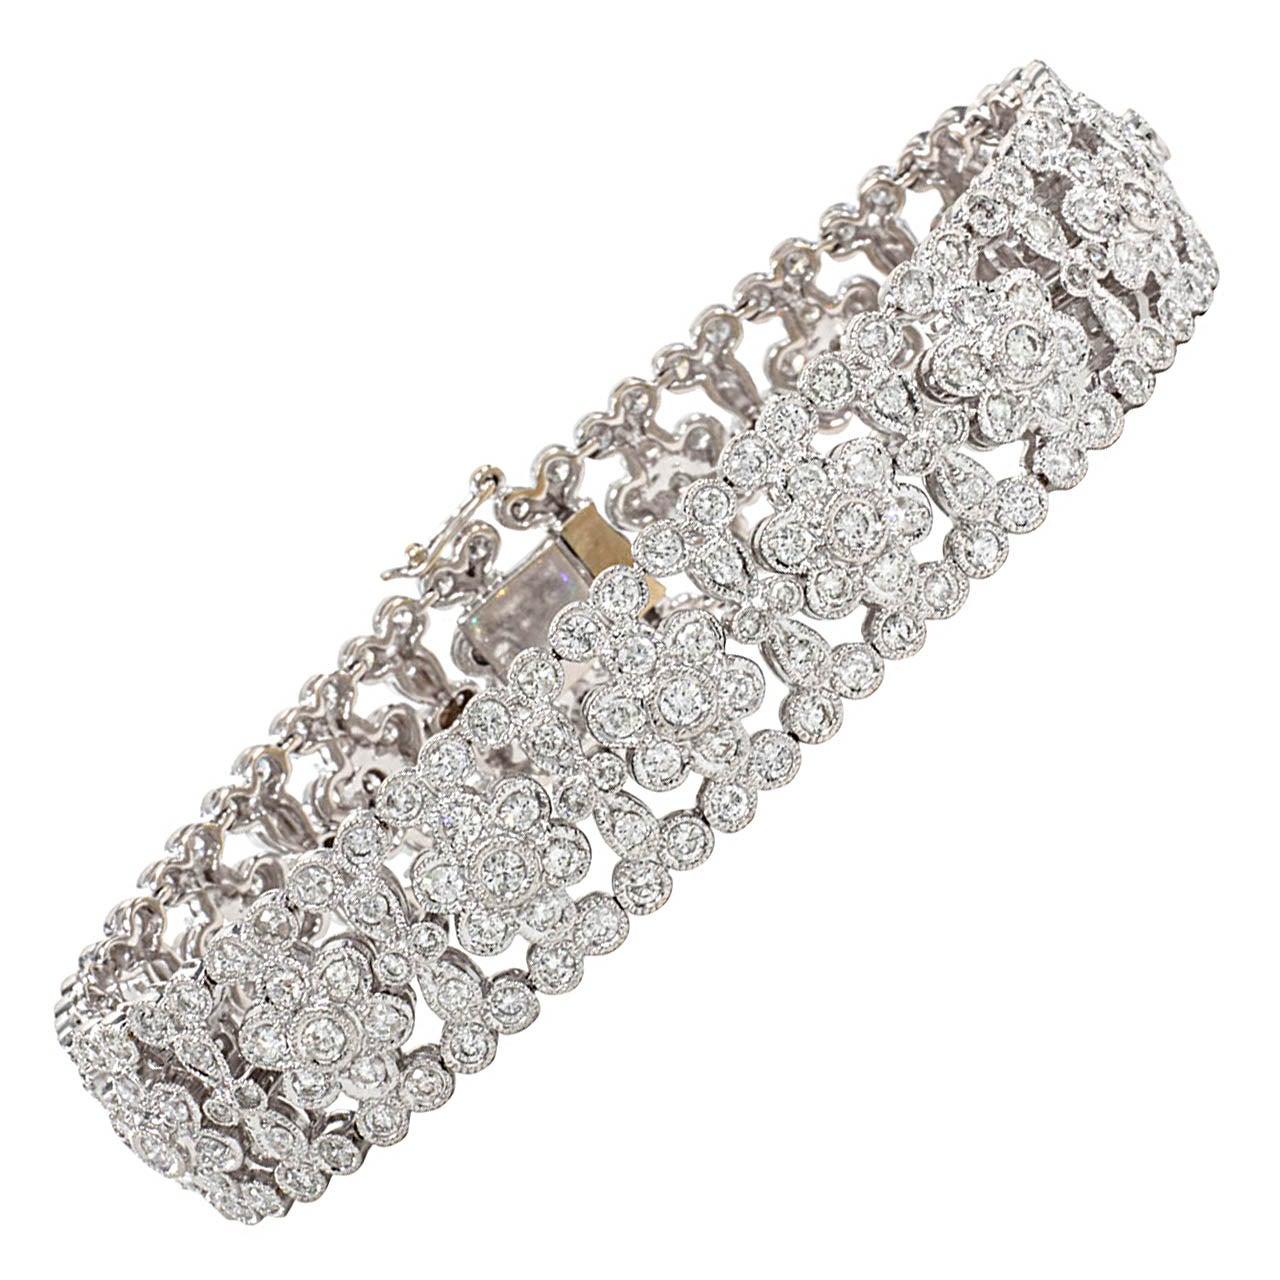 Engraved Diamond Floral Bracelet For Sale